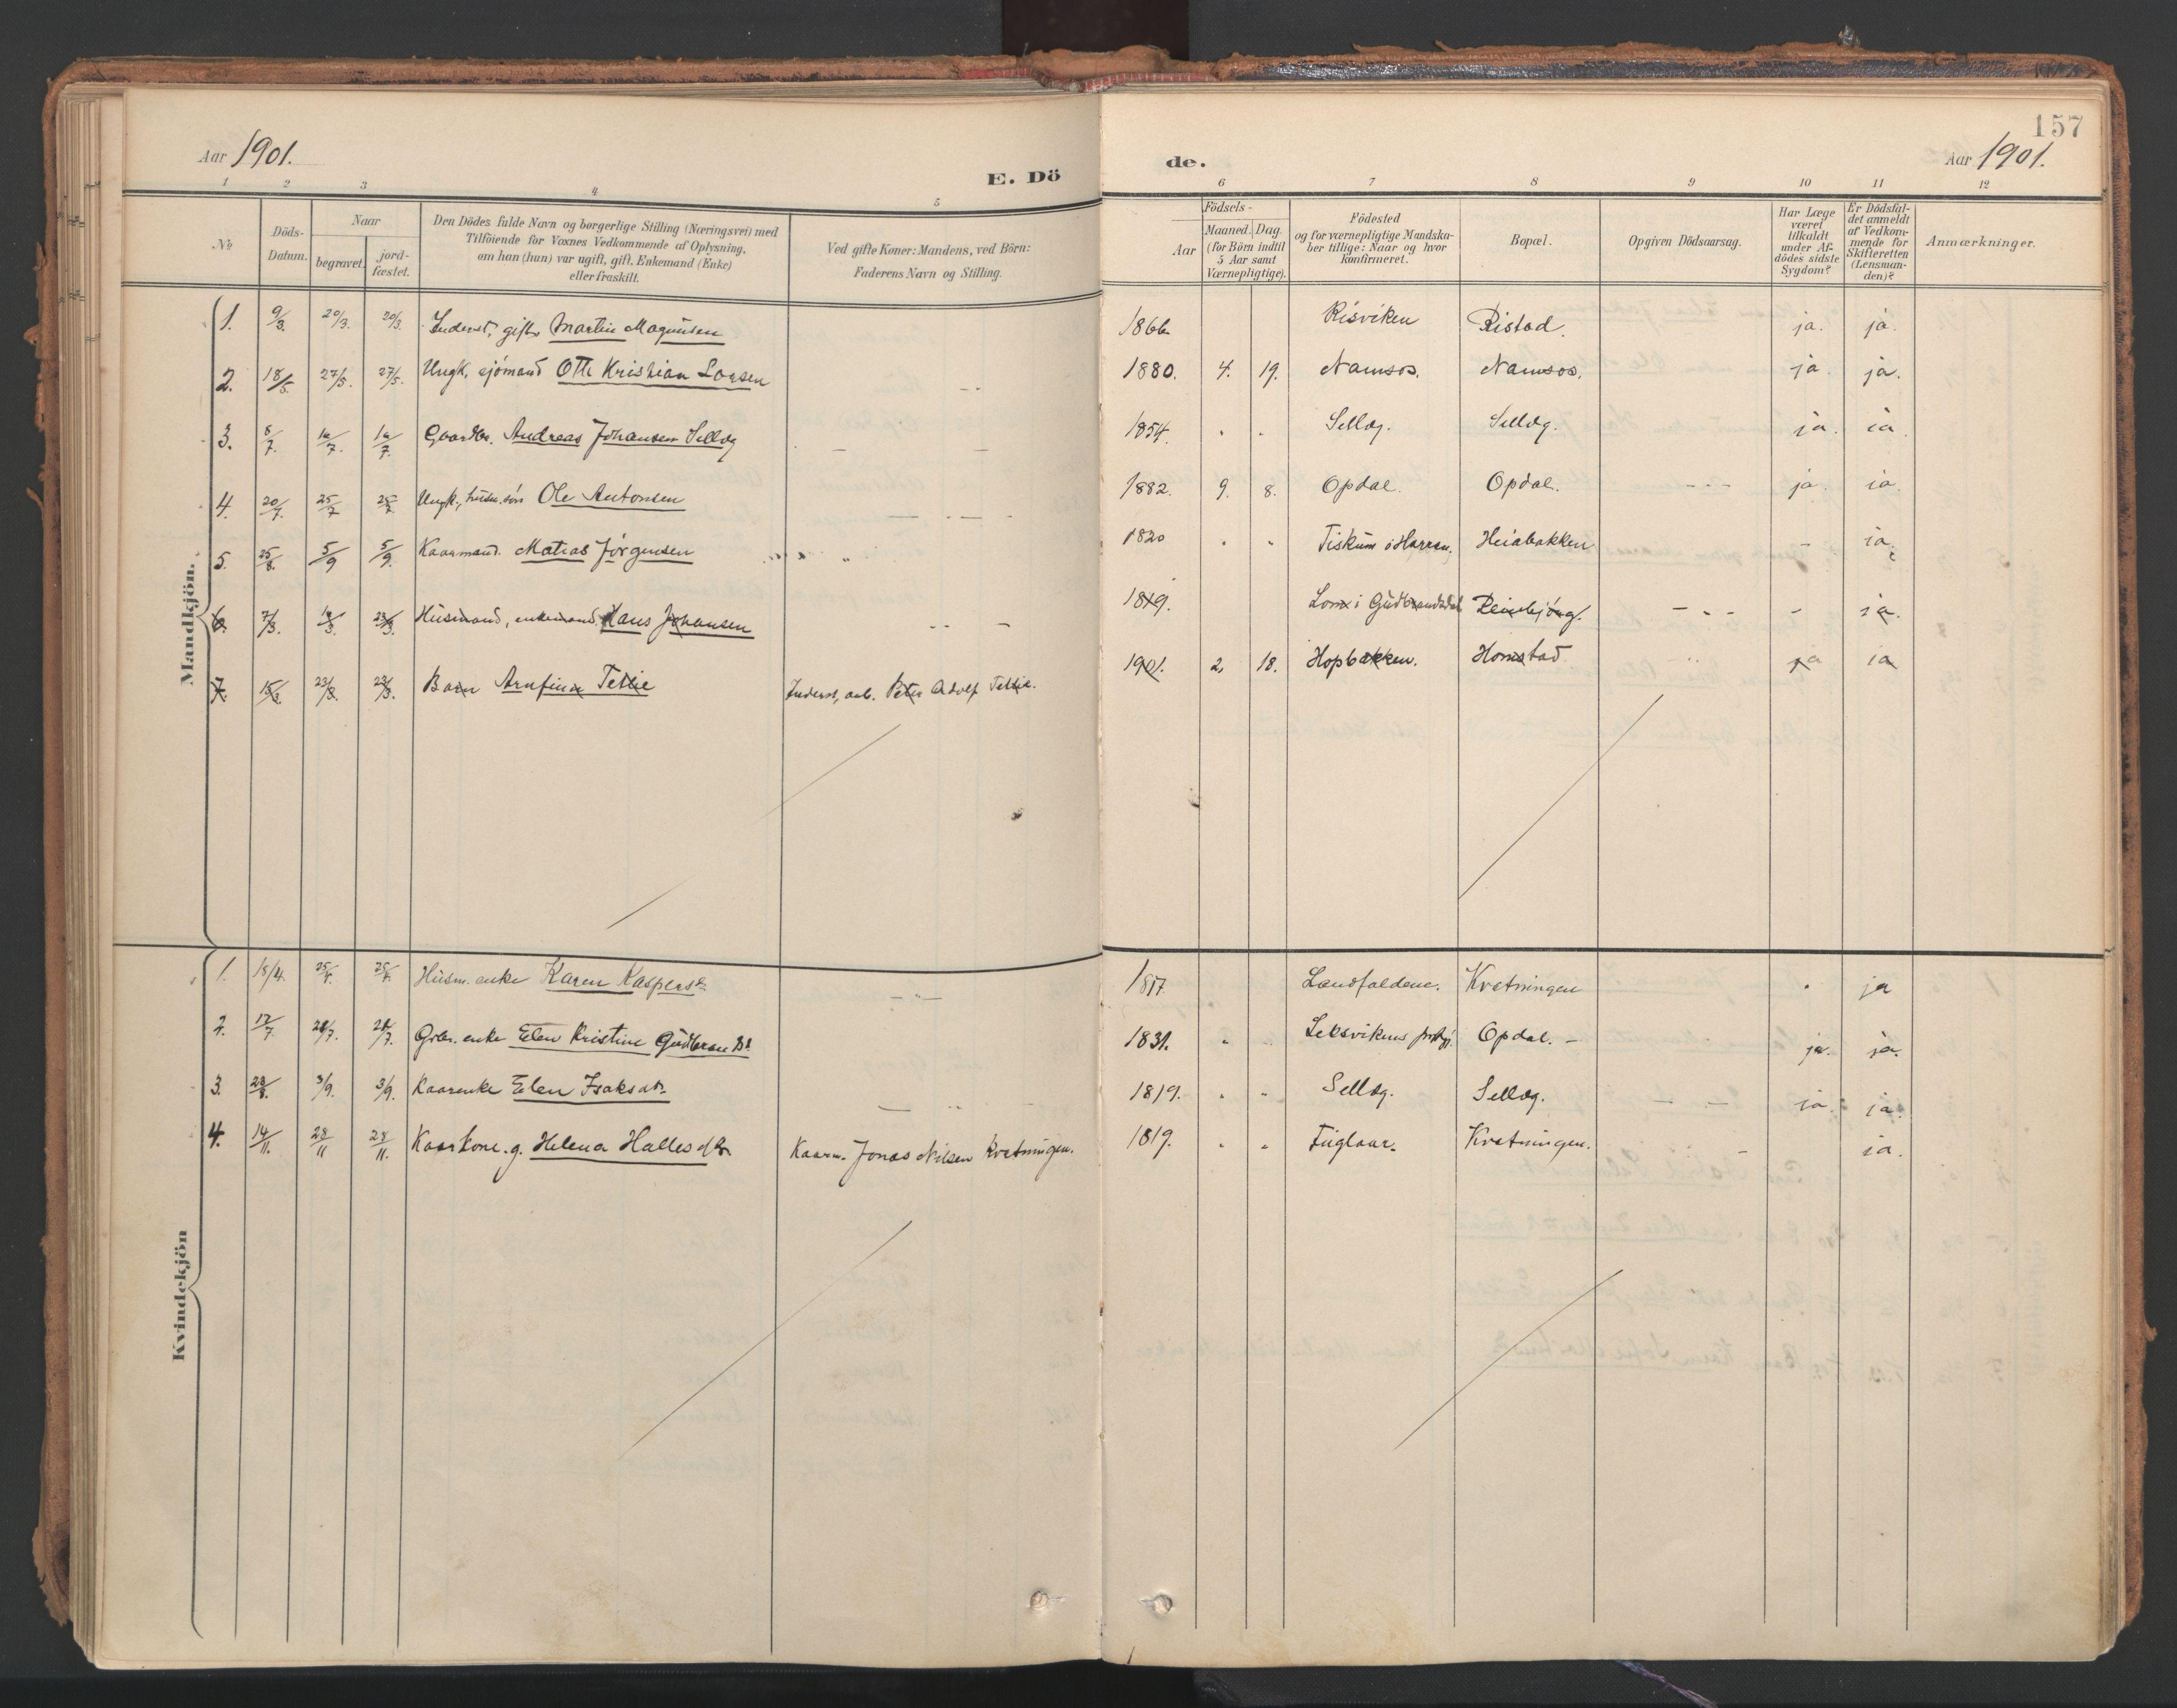 SAT, Ministerialprotokoller, klokkerbøker og fødselsregistre - Nord-Trøndelag, 766/L0564: Ministerialbok nr. 767A02, 1900-1932, s. 157